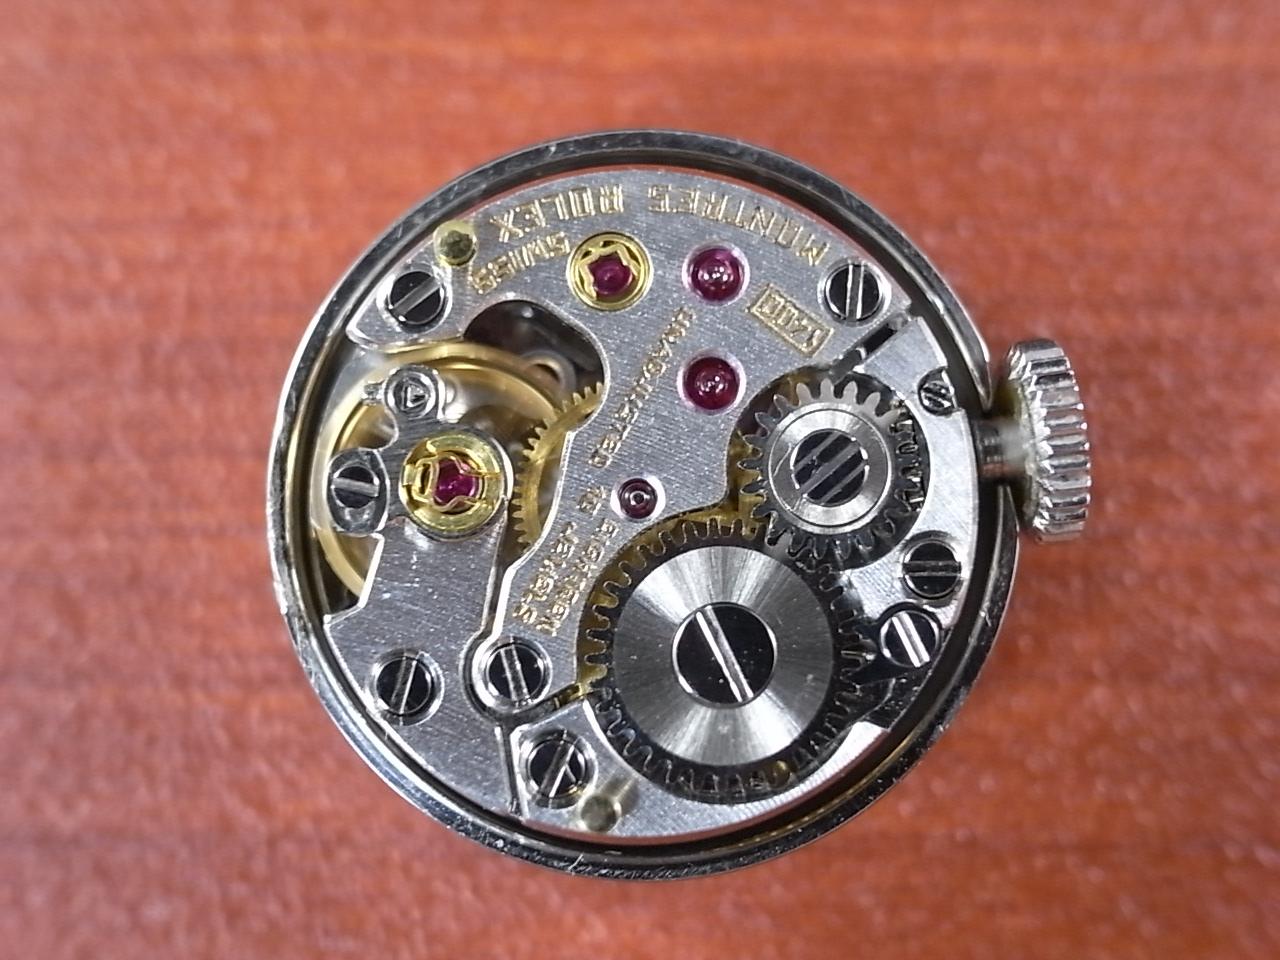 ロレックス レディス 18KWG プレシジョン カットガラス Cal.1400 1960年代の写真5枚目